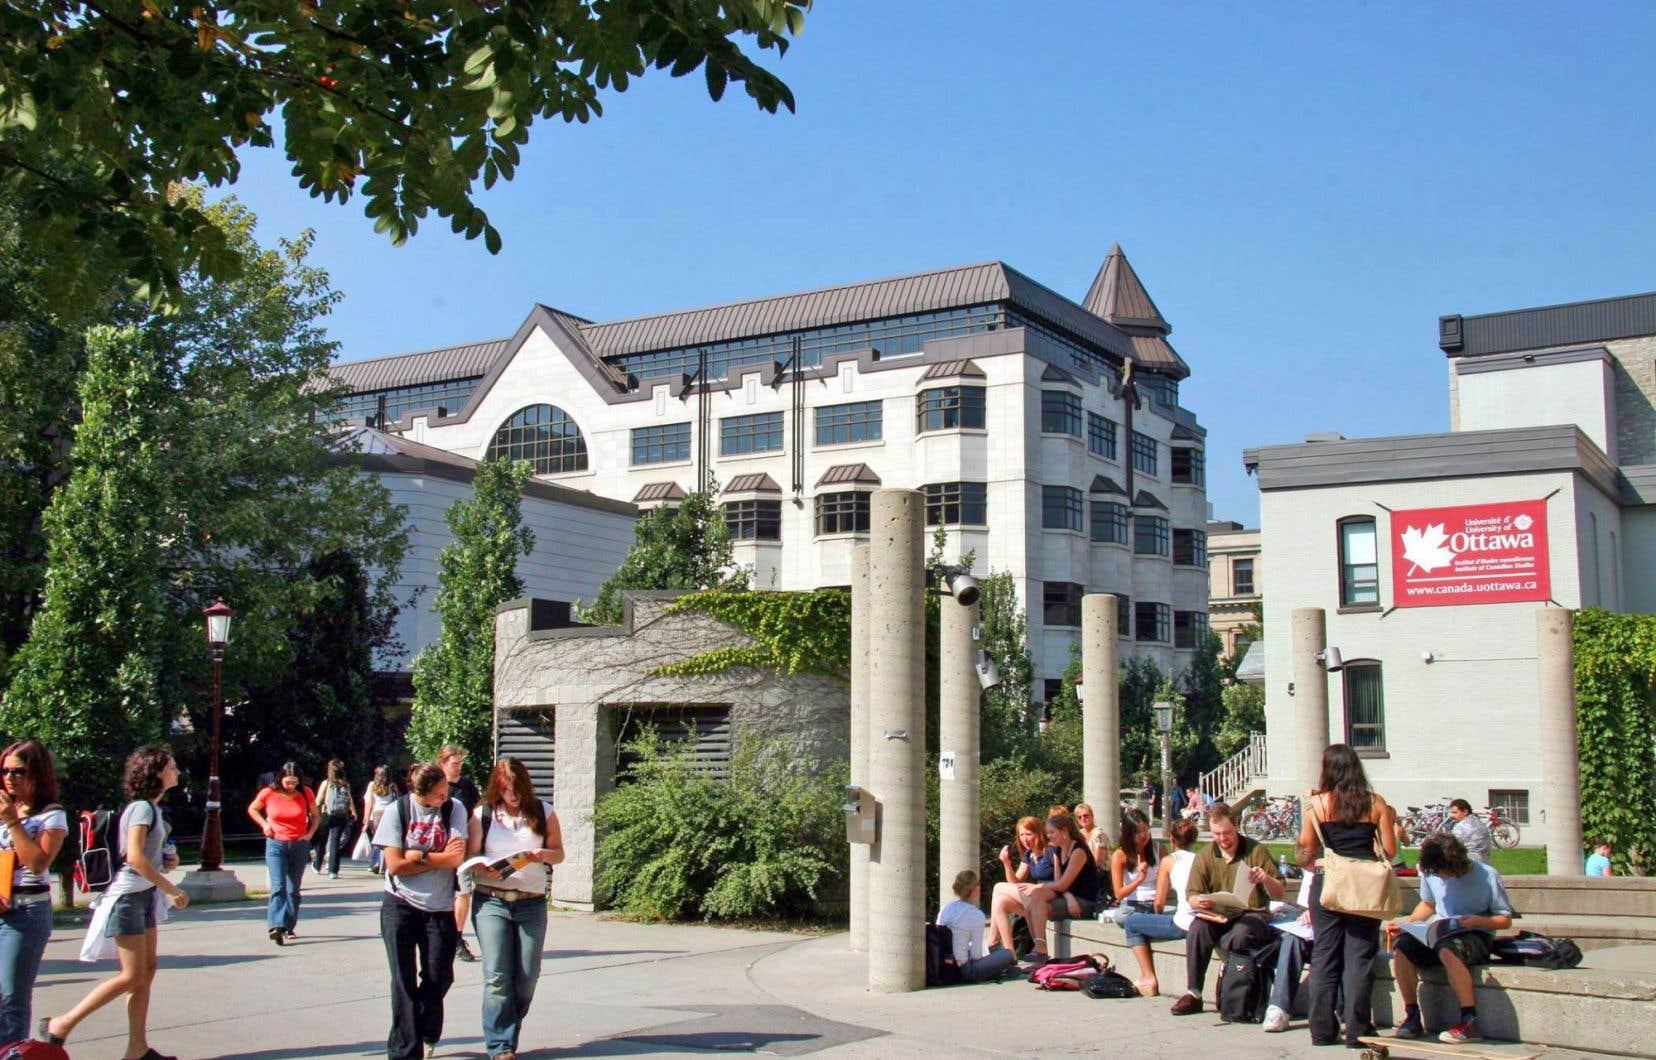 L'inaccessibilité chronique aux programmes de langue française — notamment dans le centre-sud-ouest de l'Ontario — mène plusieurs Franco-Ontariens à se tourner vers l'université anglophone plutôt que de s'exiler à Ottawa, à Sudbury ou au Québec.